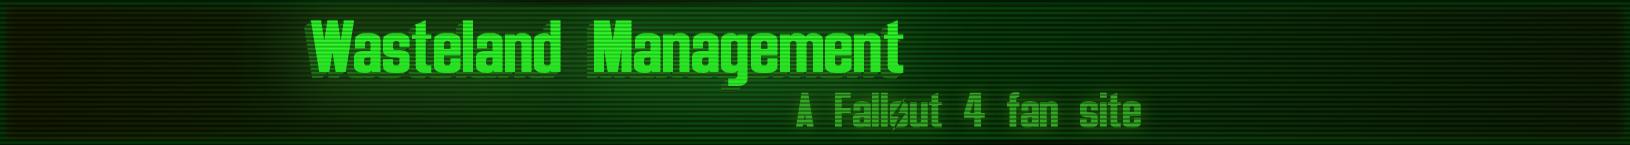 Wasteland Management